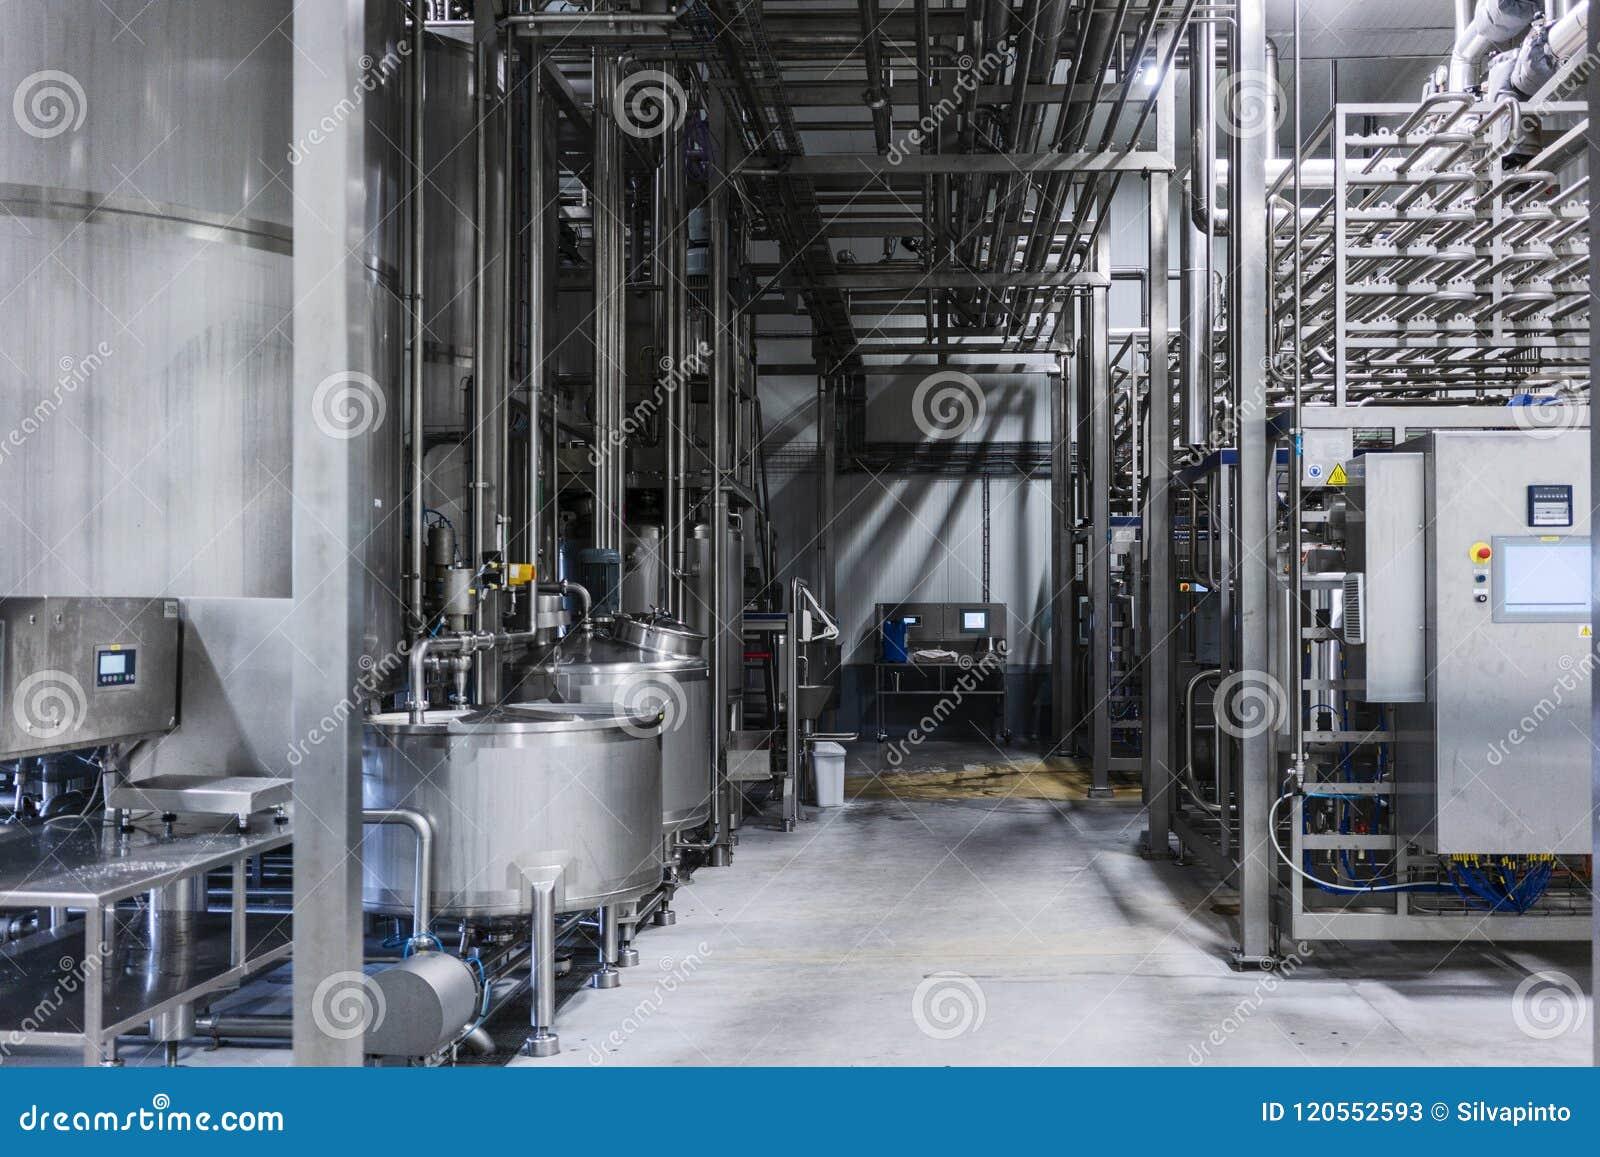 Cilindros en fábrica de la bebida Fotografía industrial